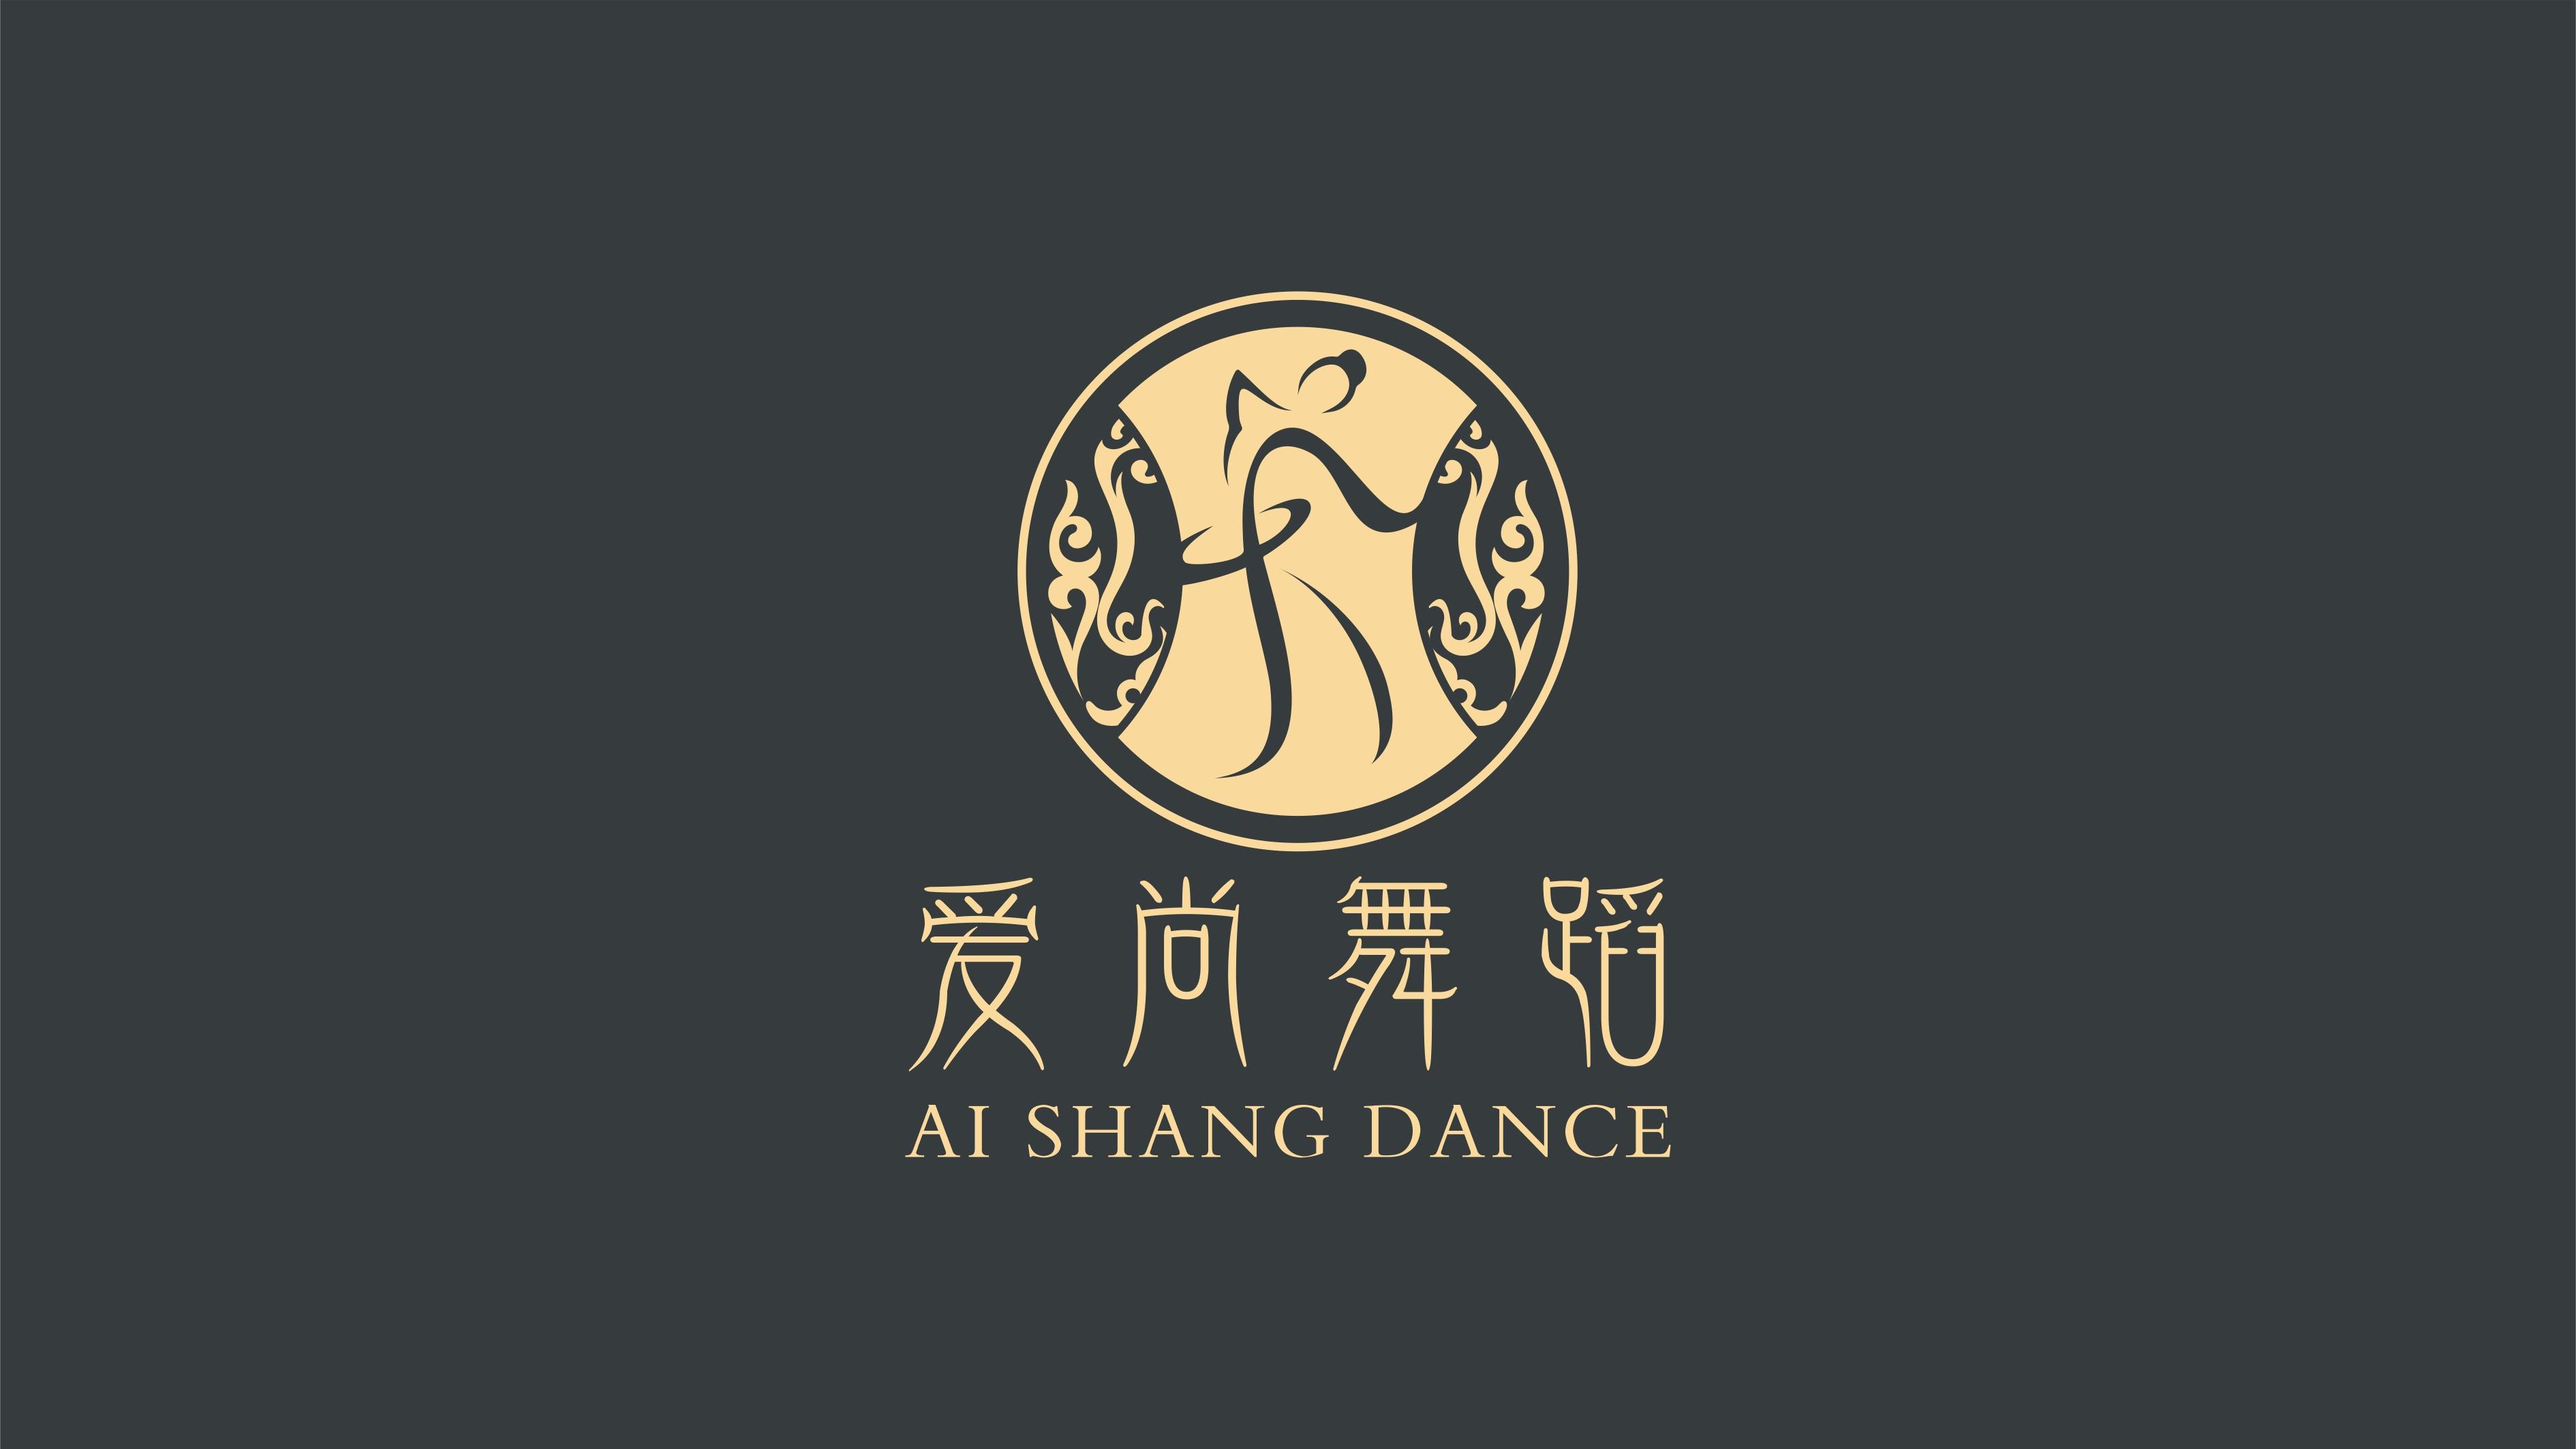 爱尚舞蹈艺术培训品牌LOGO亚博客服电话多少